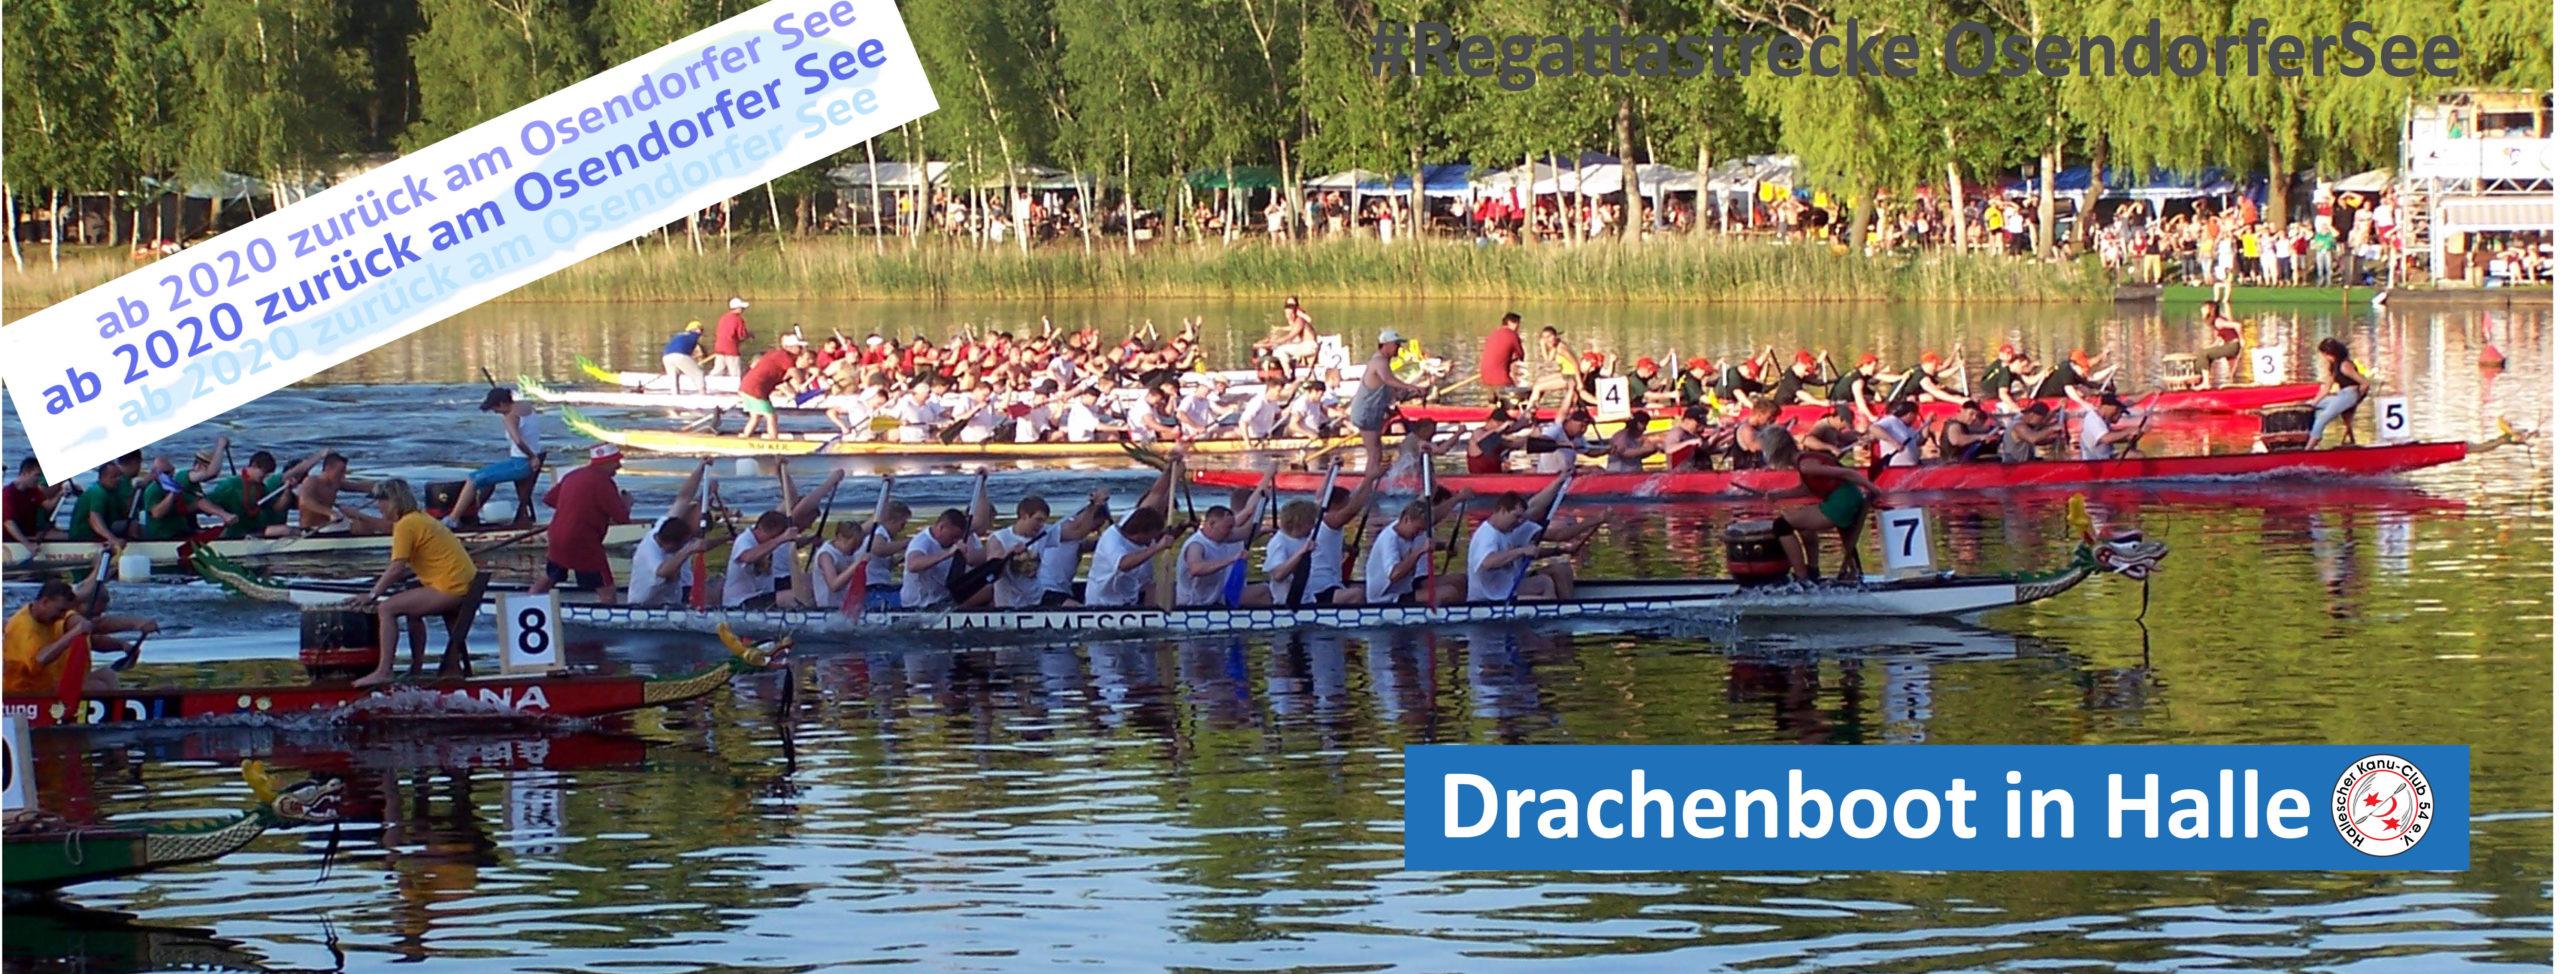 ABSAGE- Drachenbootrennen 2021- AUF DEM OSENDORFER SEE